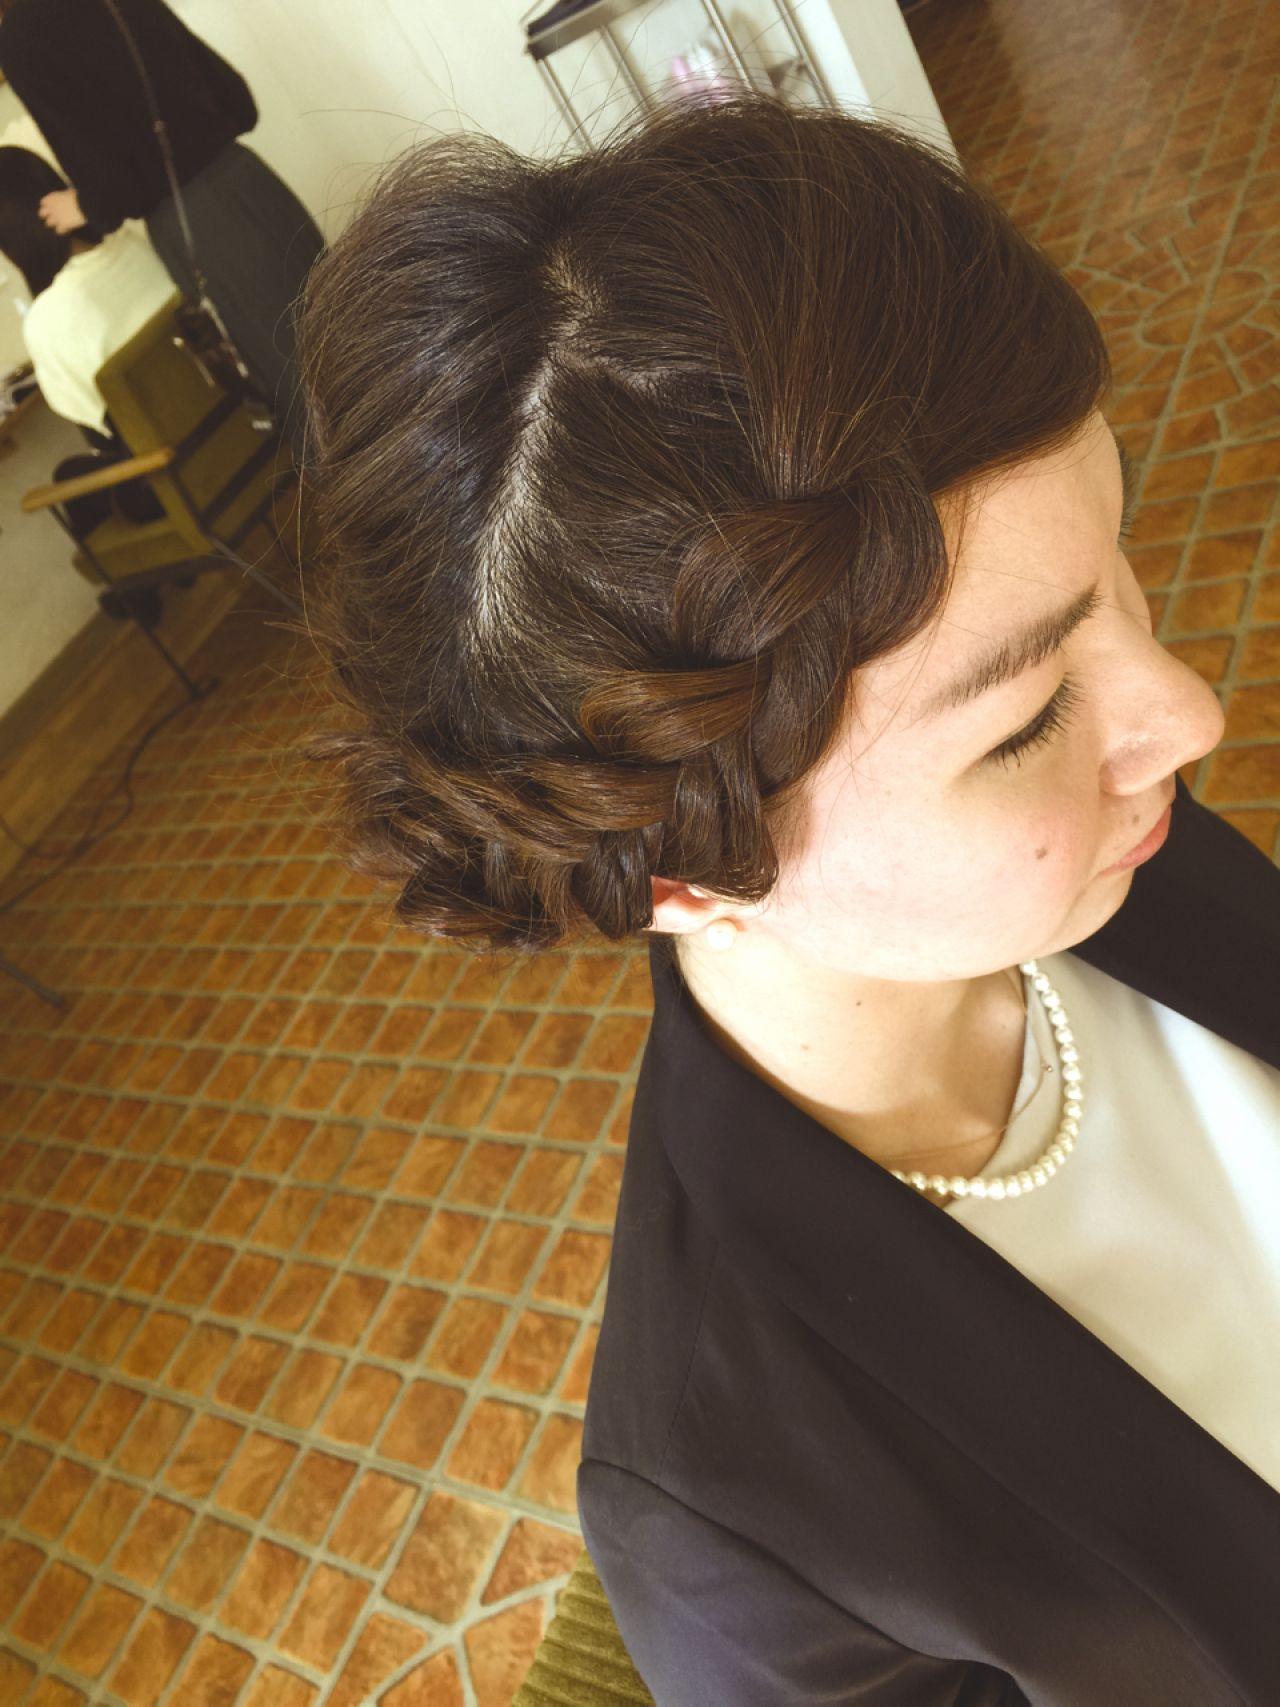 すっきりとまとめて好印象に!前髪アップで印象チェンジ♡ 佐藤 友亮